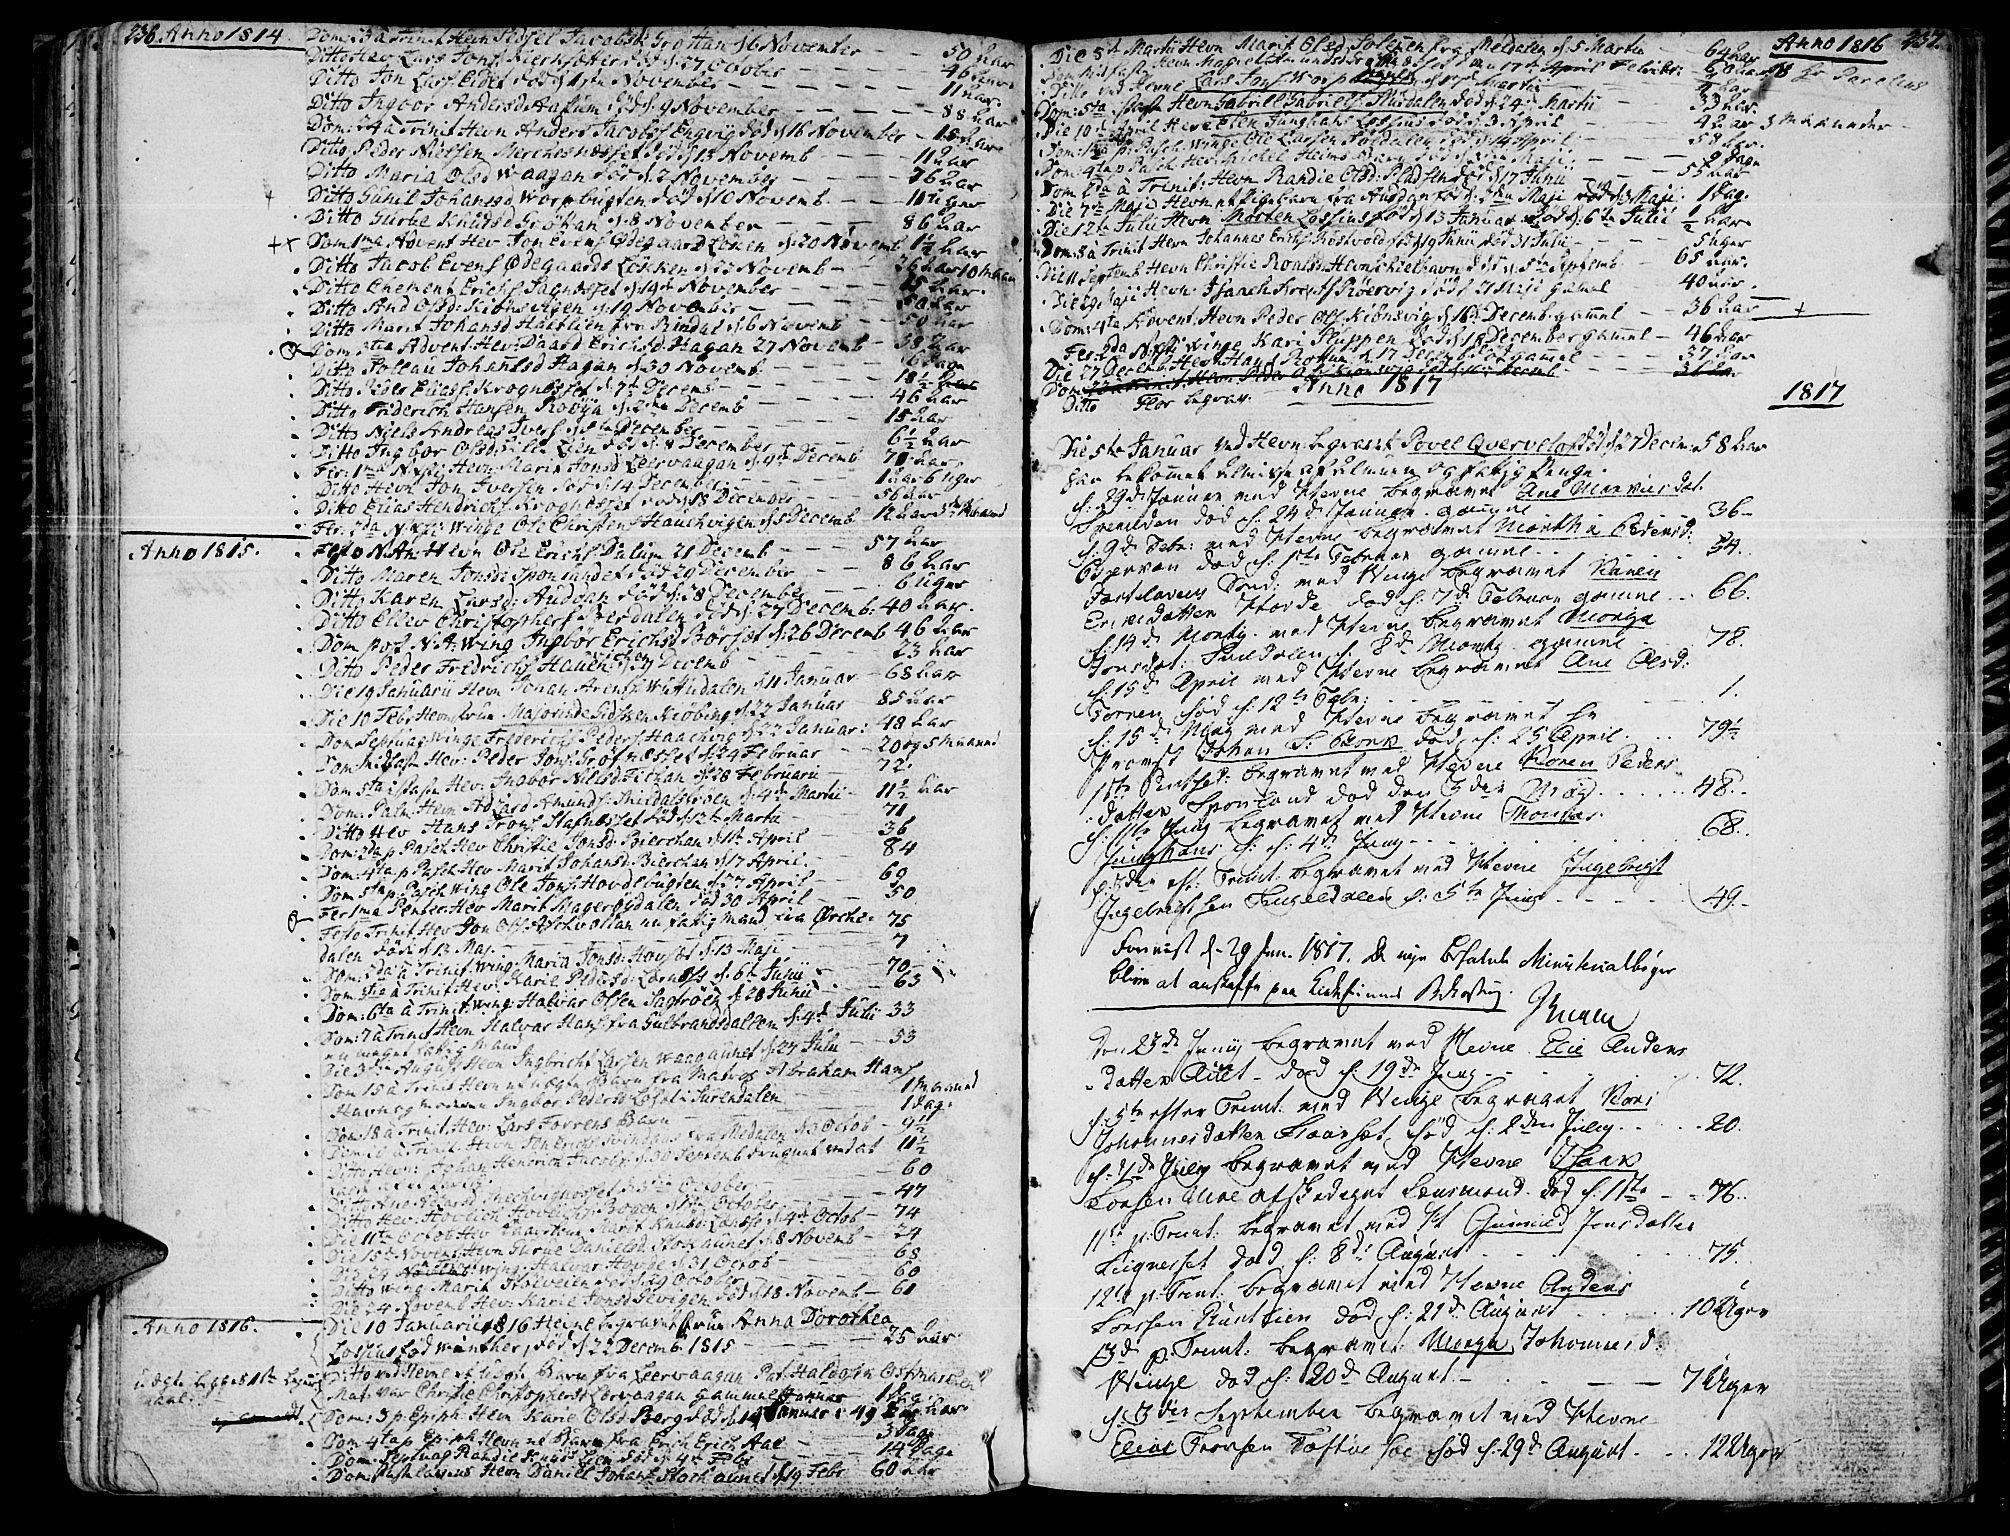 SAT, Ministerialprotokoller, klokkerbøker og fødselsregistre - Sør-Trøndelag, 630/L0490: Ministerialbok nr. 630A03, 1795-1818, s. 236-237